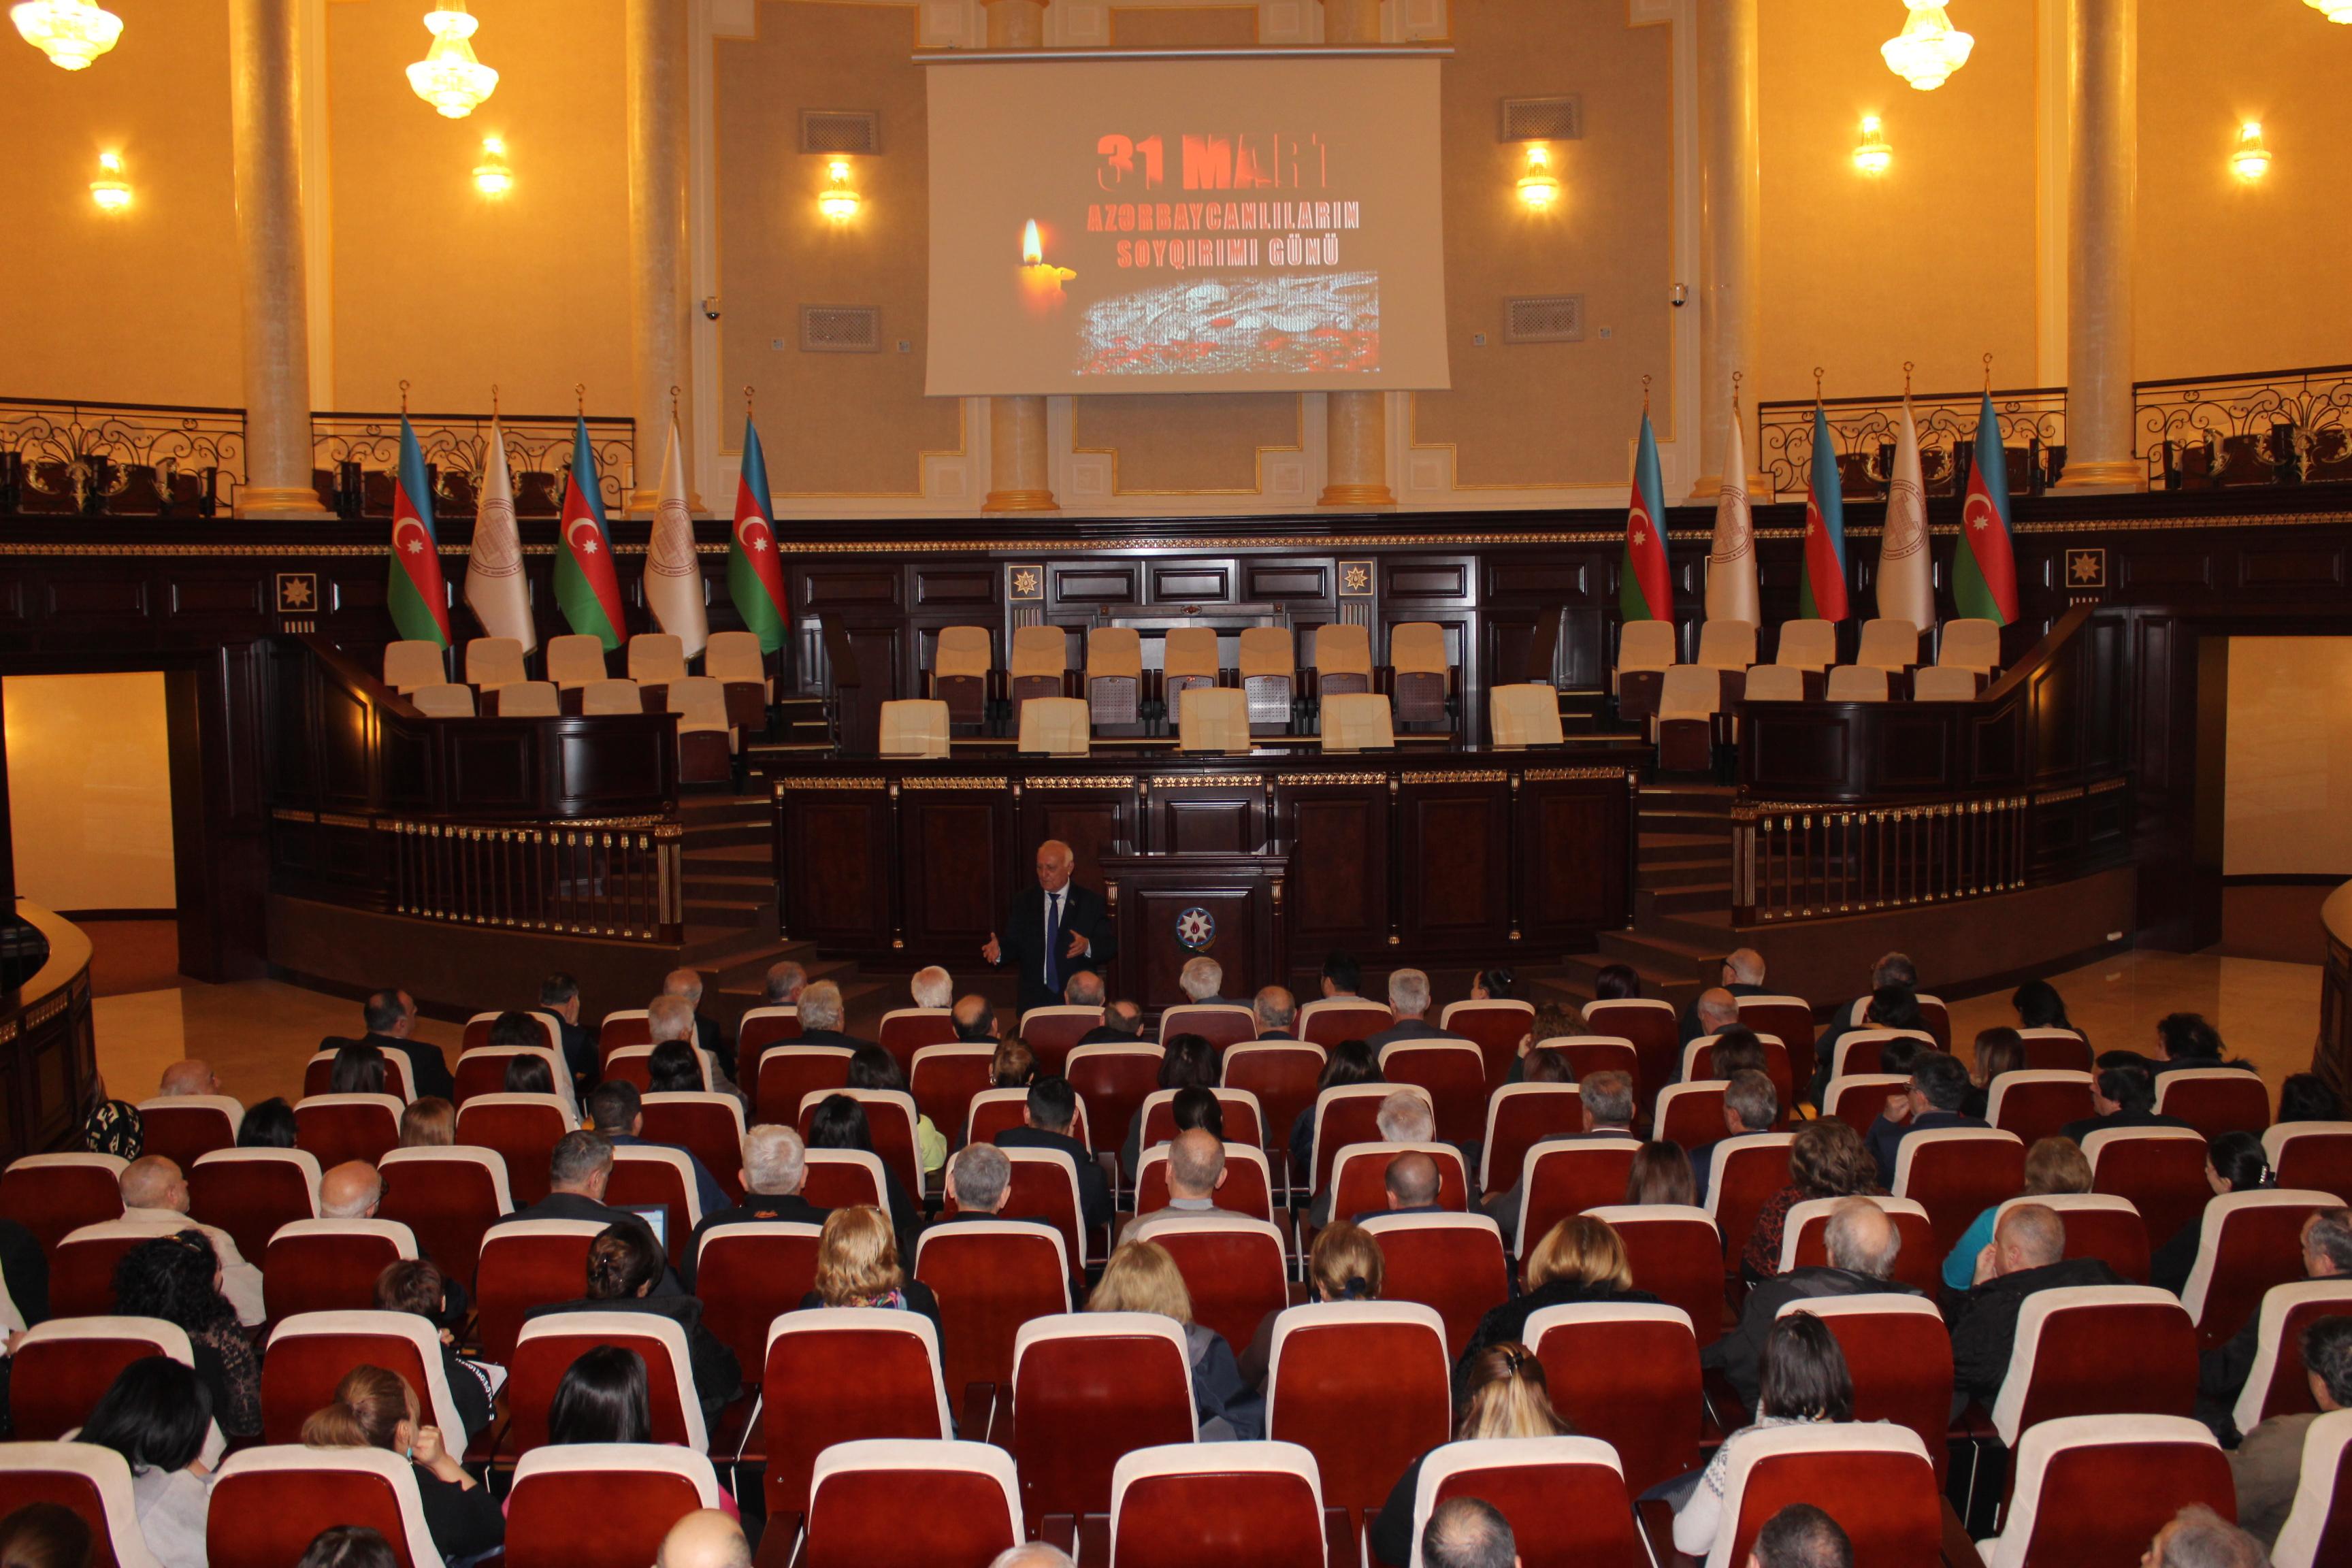 Azərbaycan Milli Elmlər Akademiyasının (AMEA) Tarix İnstitutu 31 mart - Azərbaycanlıların Soyqırımı Günü ilə bağlı genişləndirilmiş Elmi Şura keçirib.